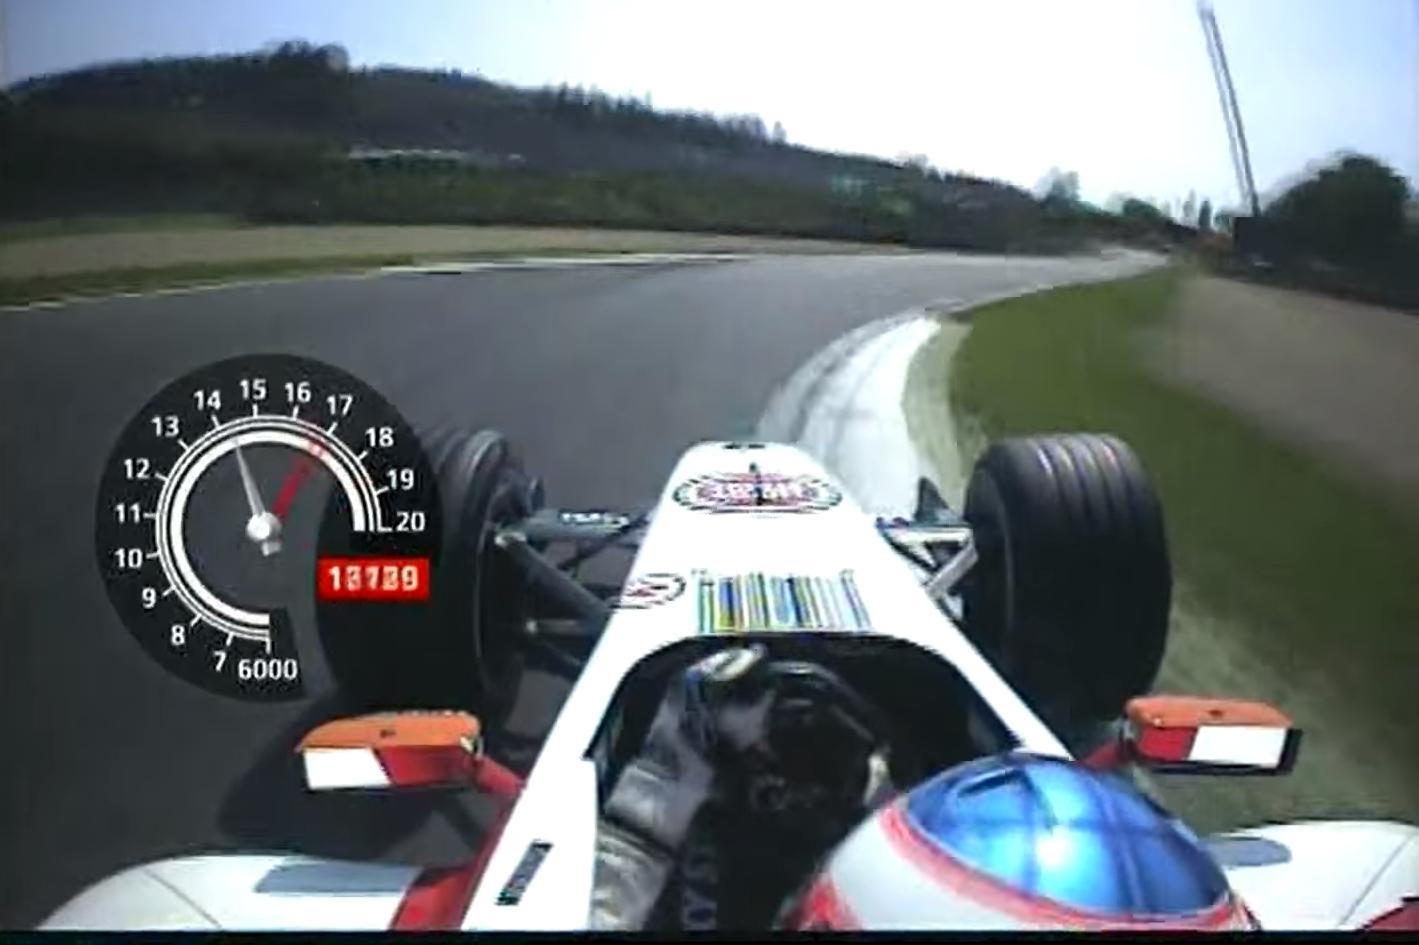 jenson-button-bar-honda-san-marino-gp-imola-f1-2004-first-pole-position-onboard